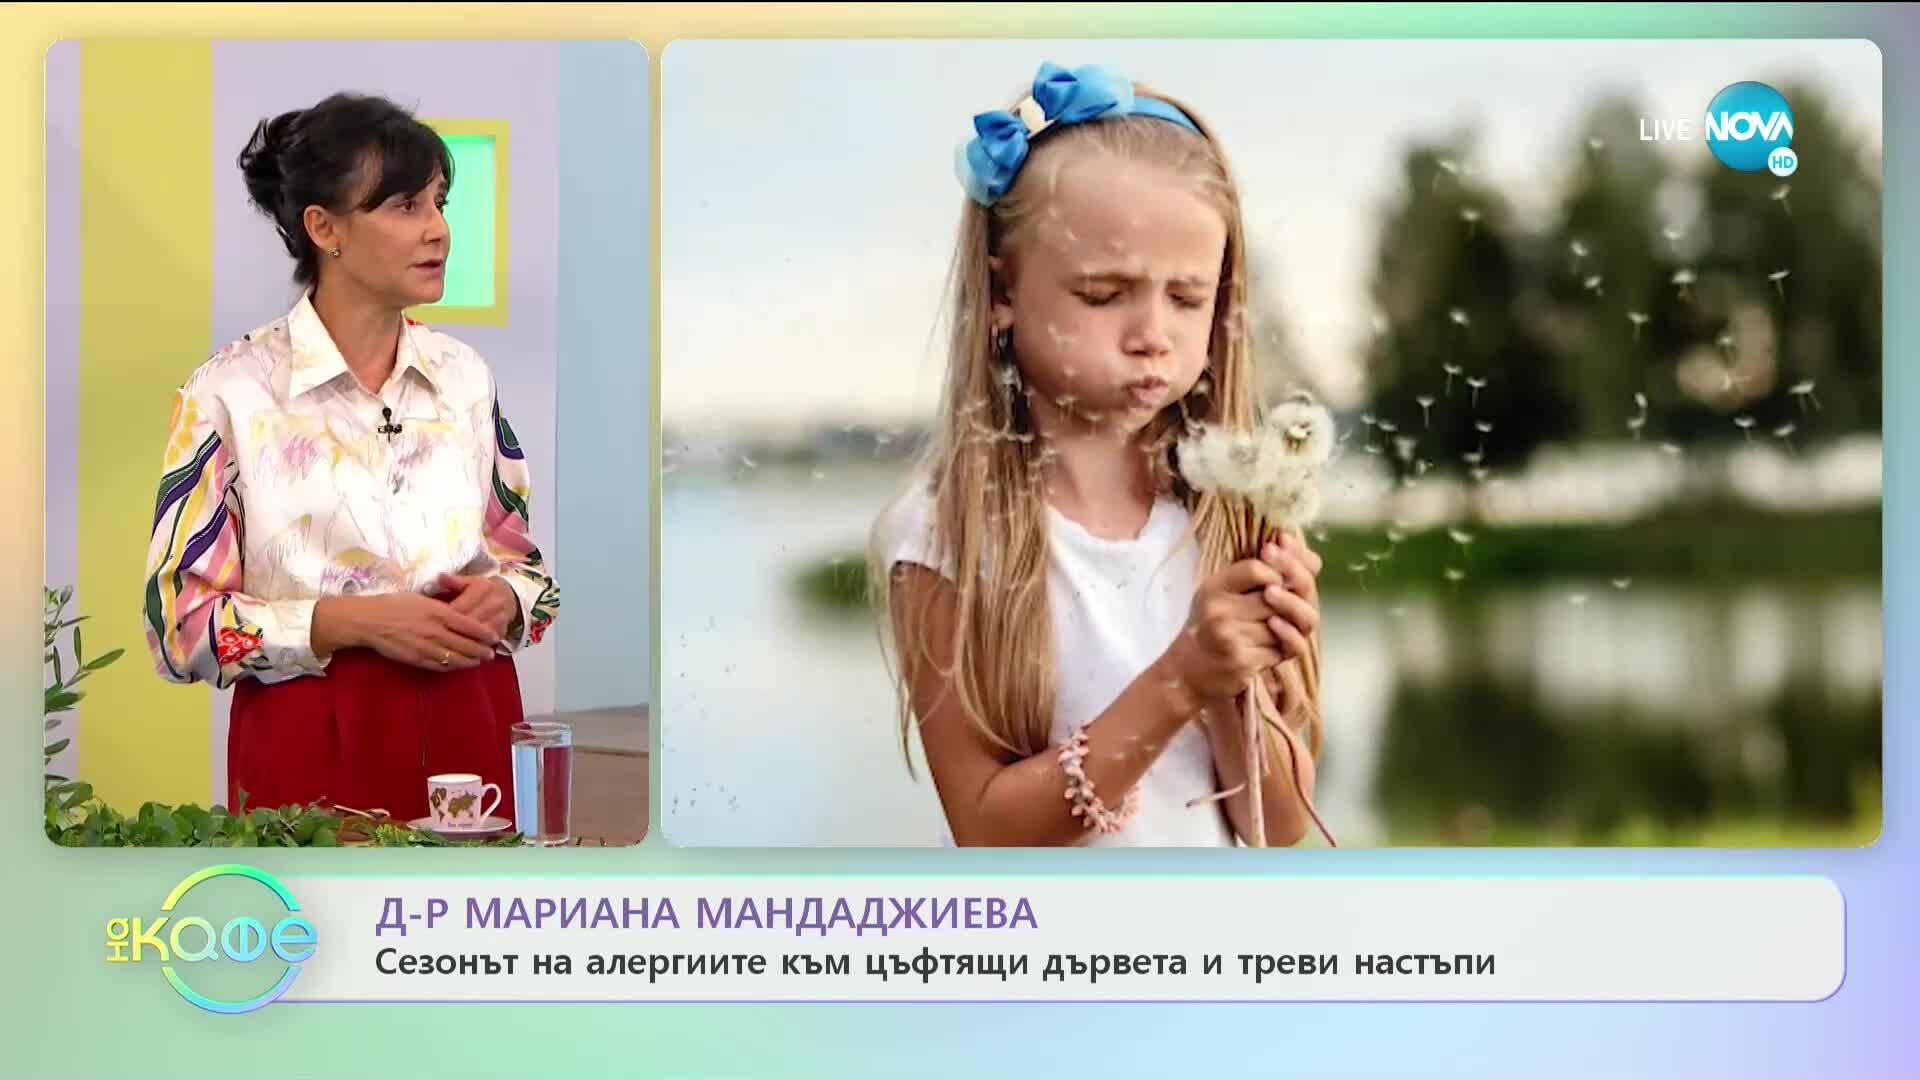 """Д-р Мариана Мандаджиева: За алергичните ринити и видовете полени - """"На кафе"""" (20.05.2020)"""